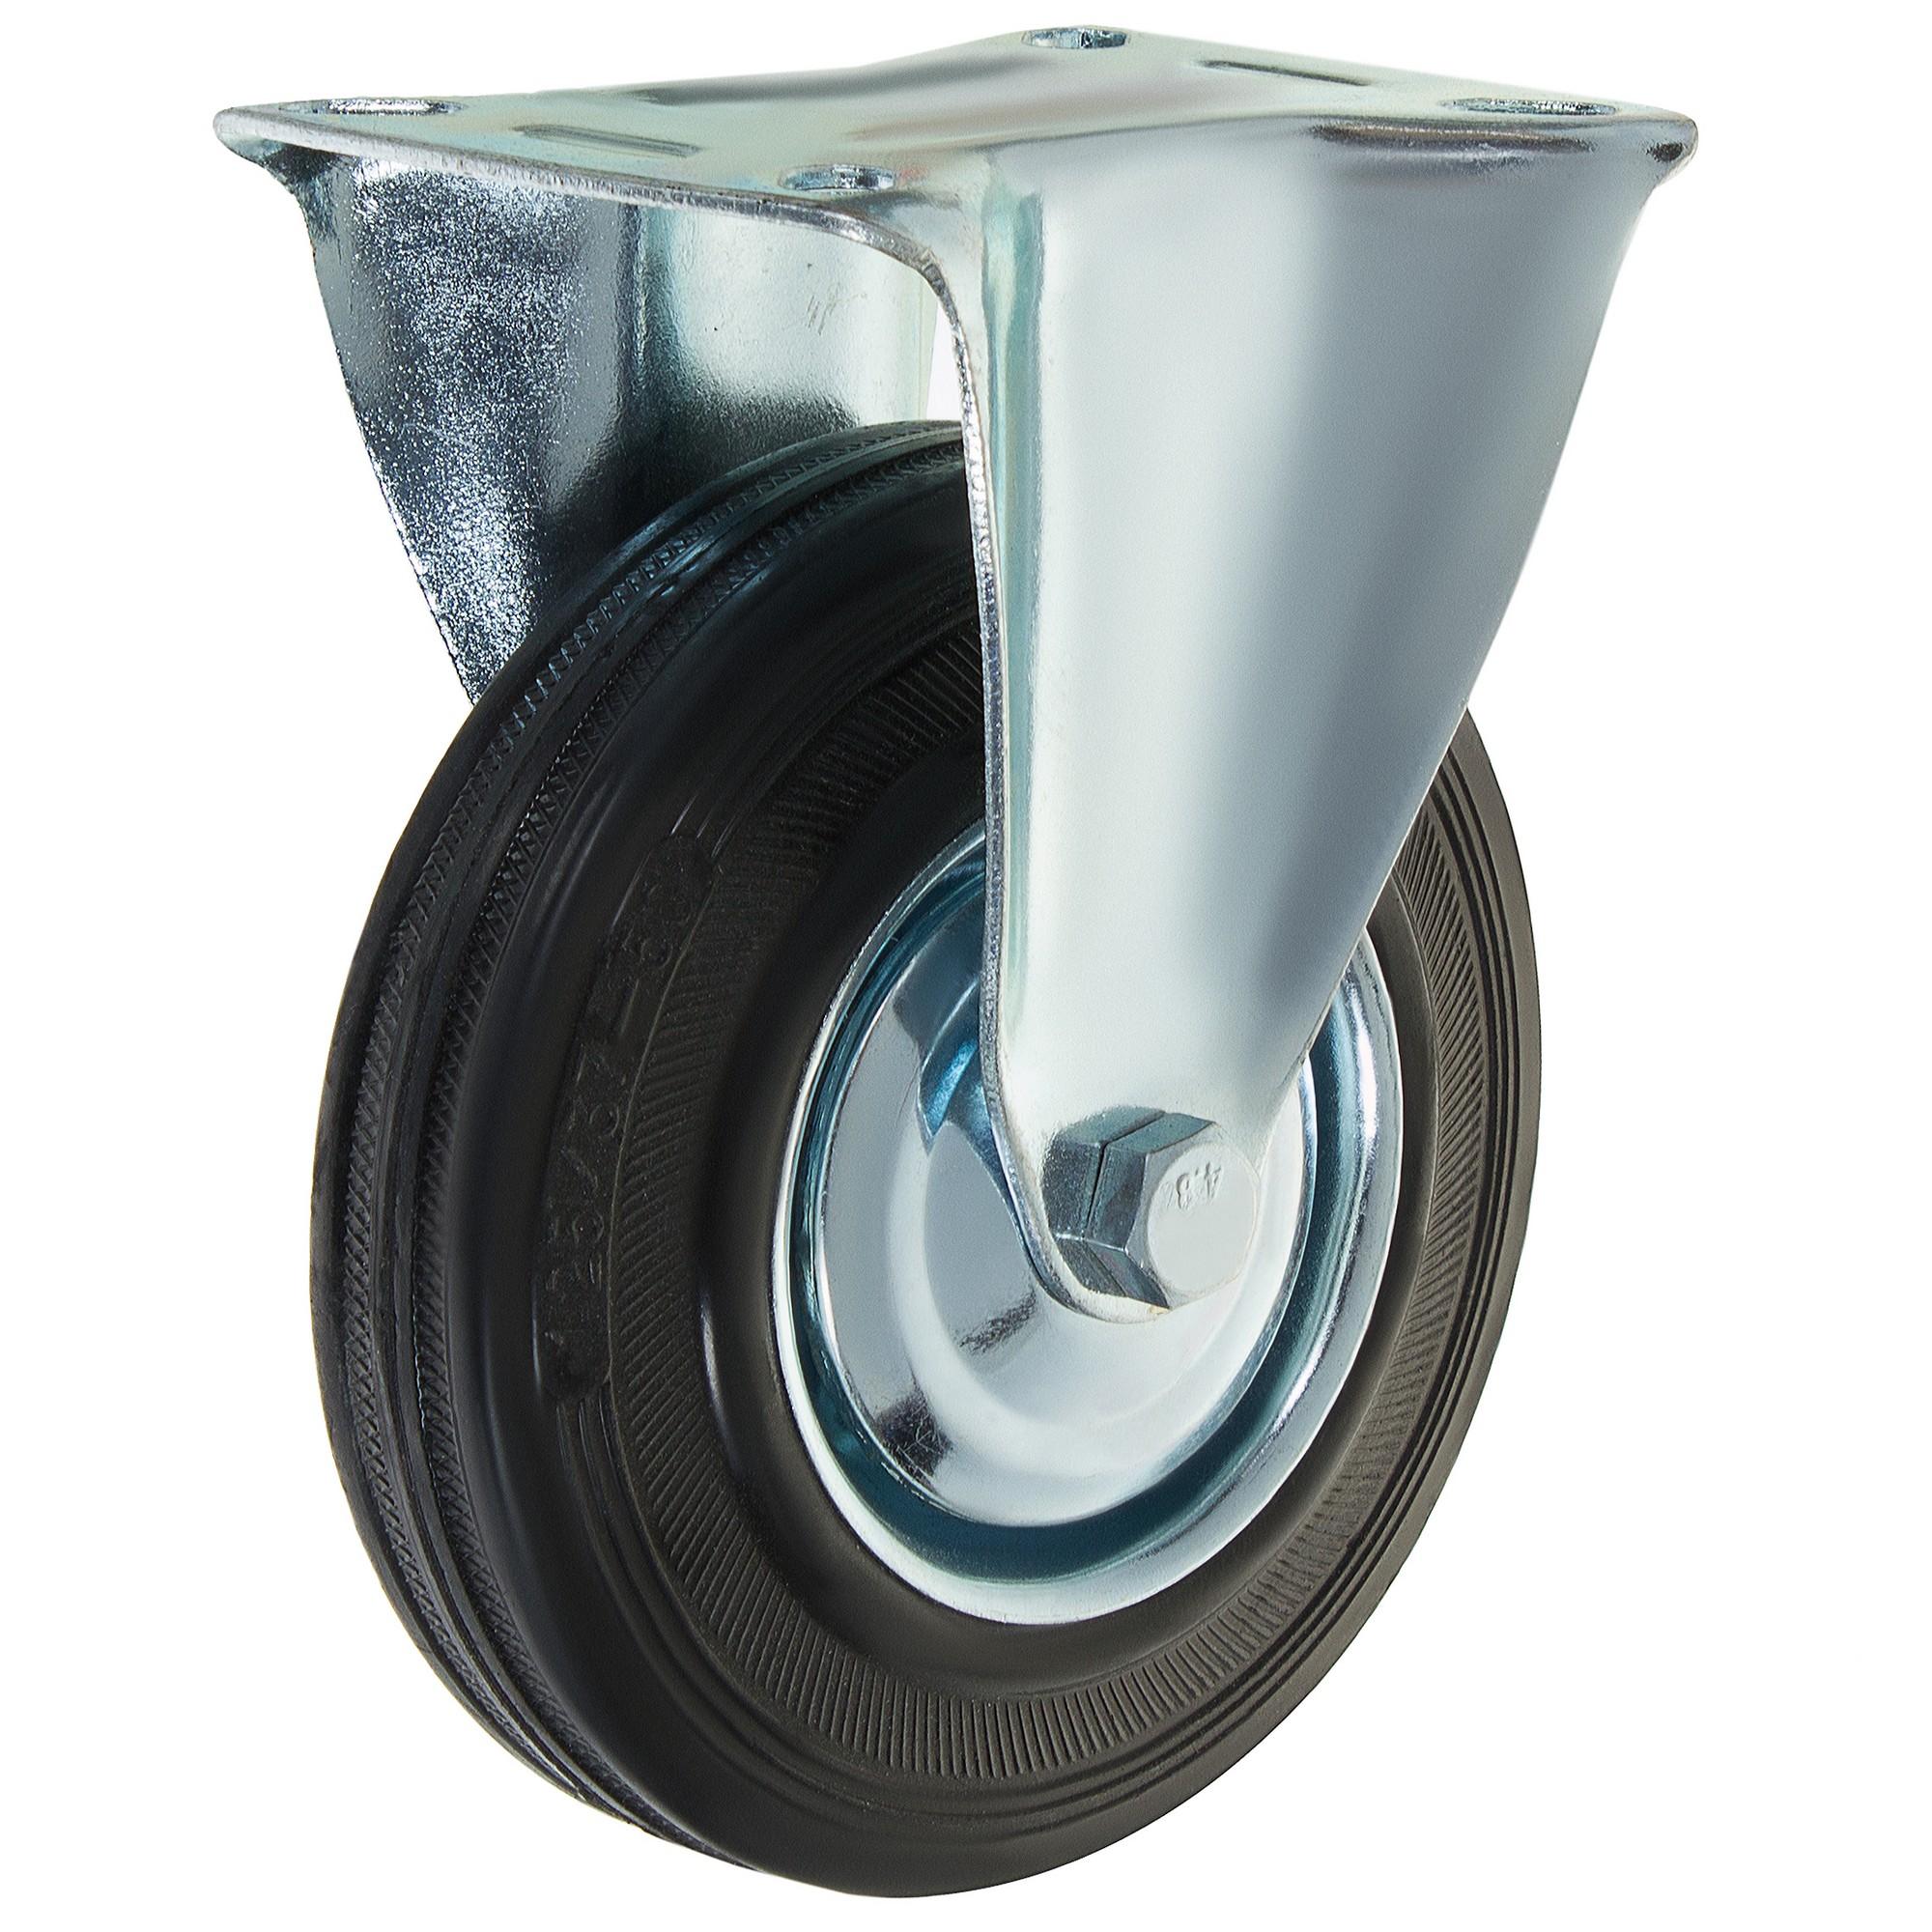 Леруа мерлен транспортеры диск колесный транспортер